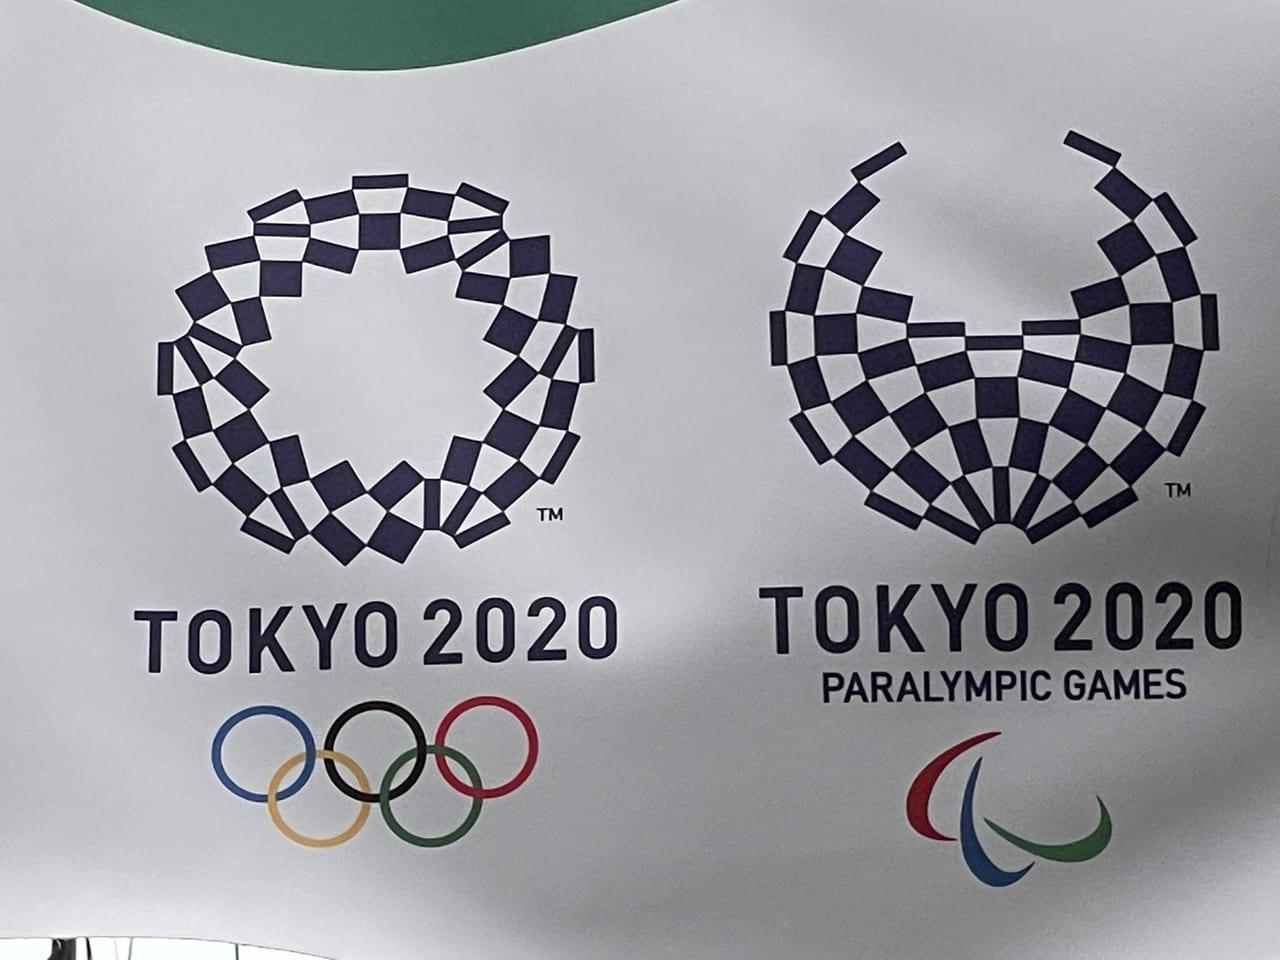 慌ててオリンピックパスを隠すも本サイトは目撃 電車で観光する外国人五輪関係者たち バブルはザルだった